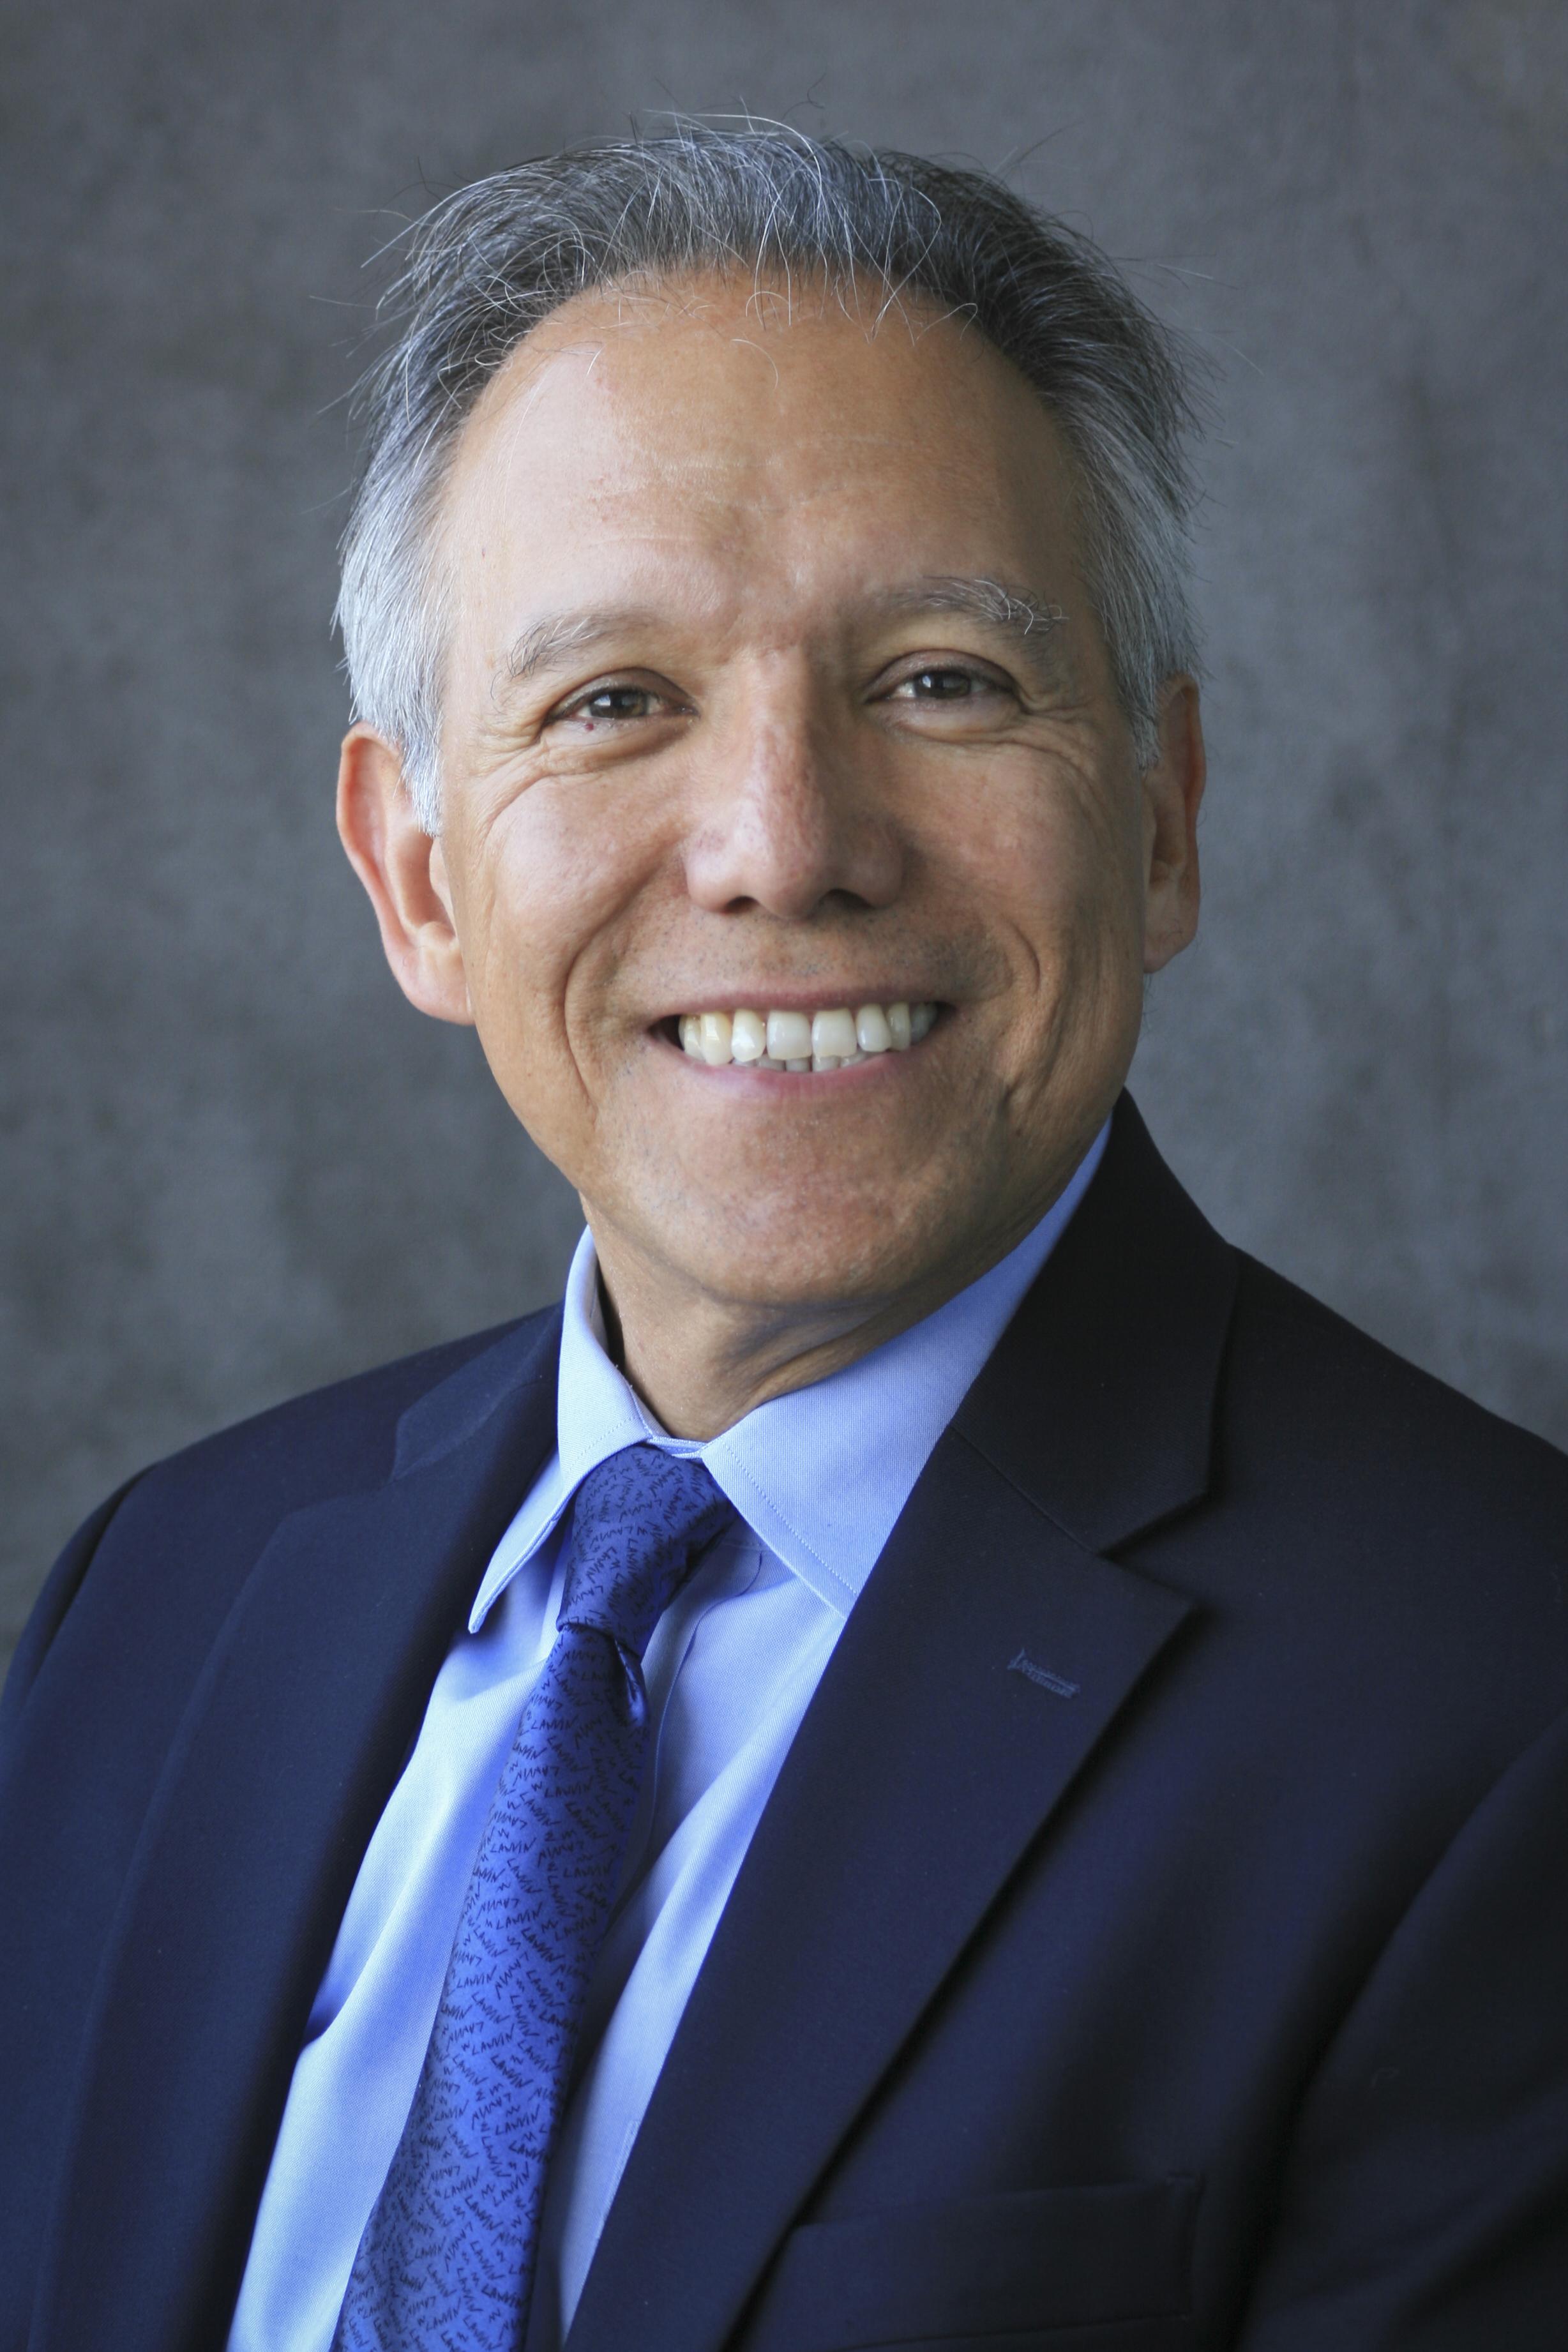 Professor Juan Meza